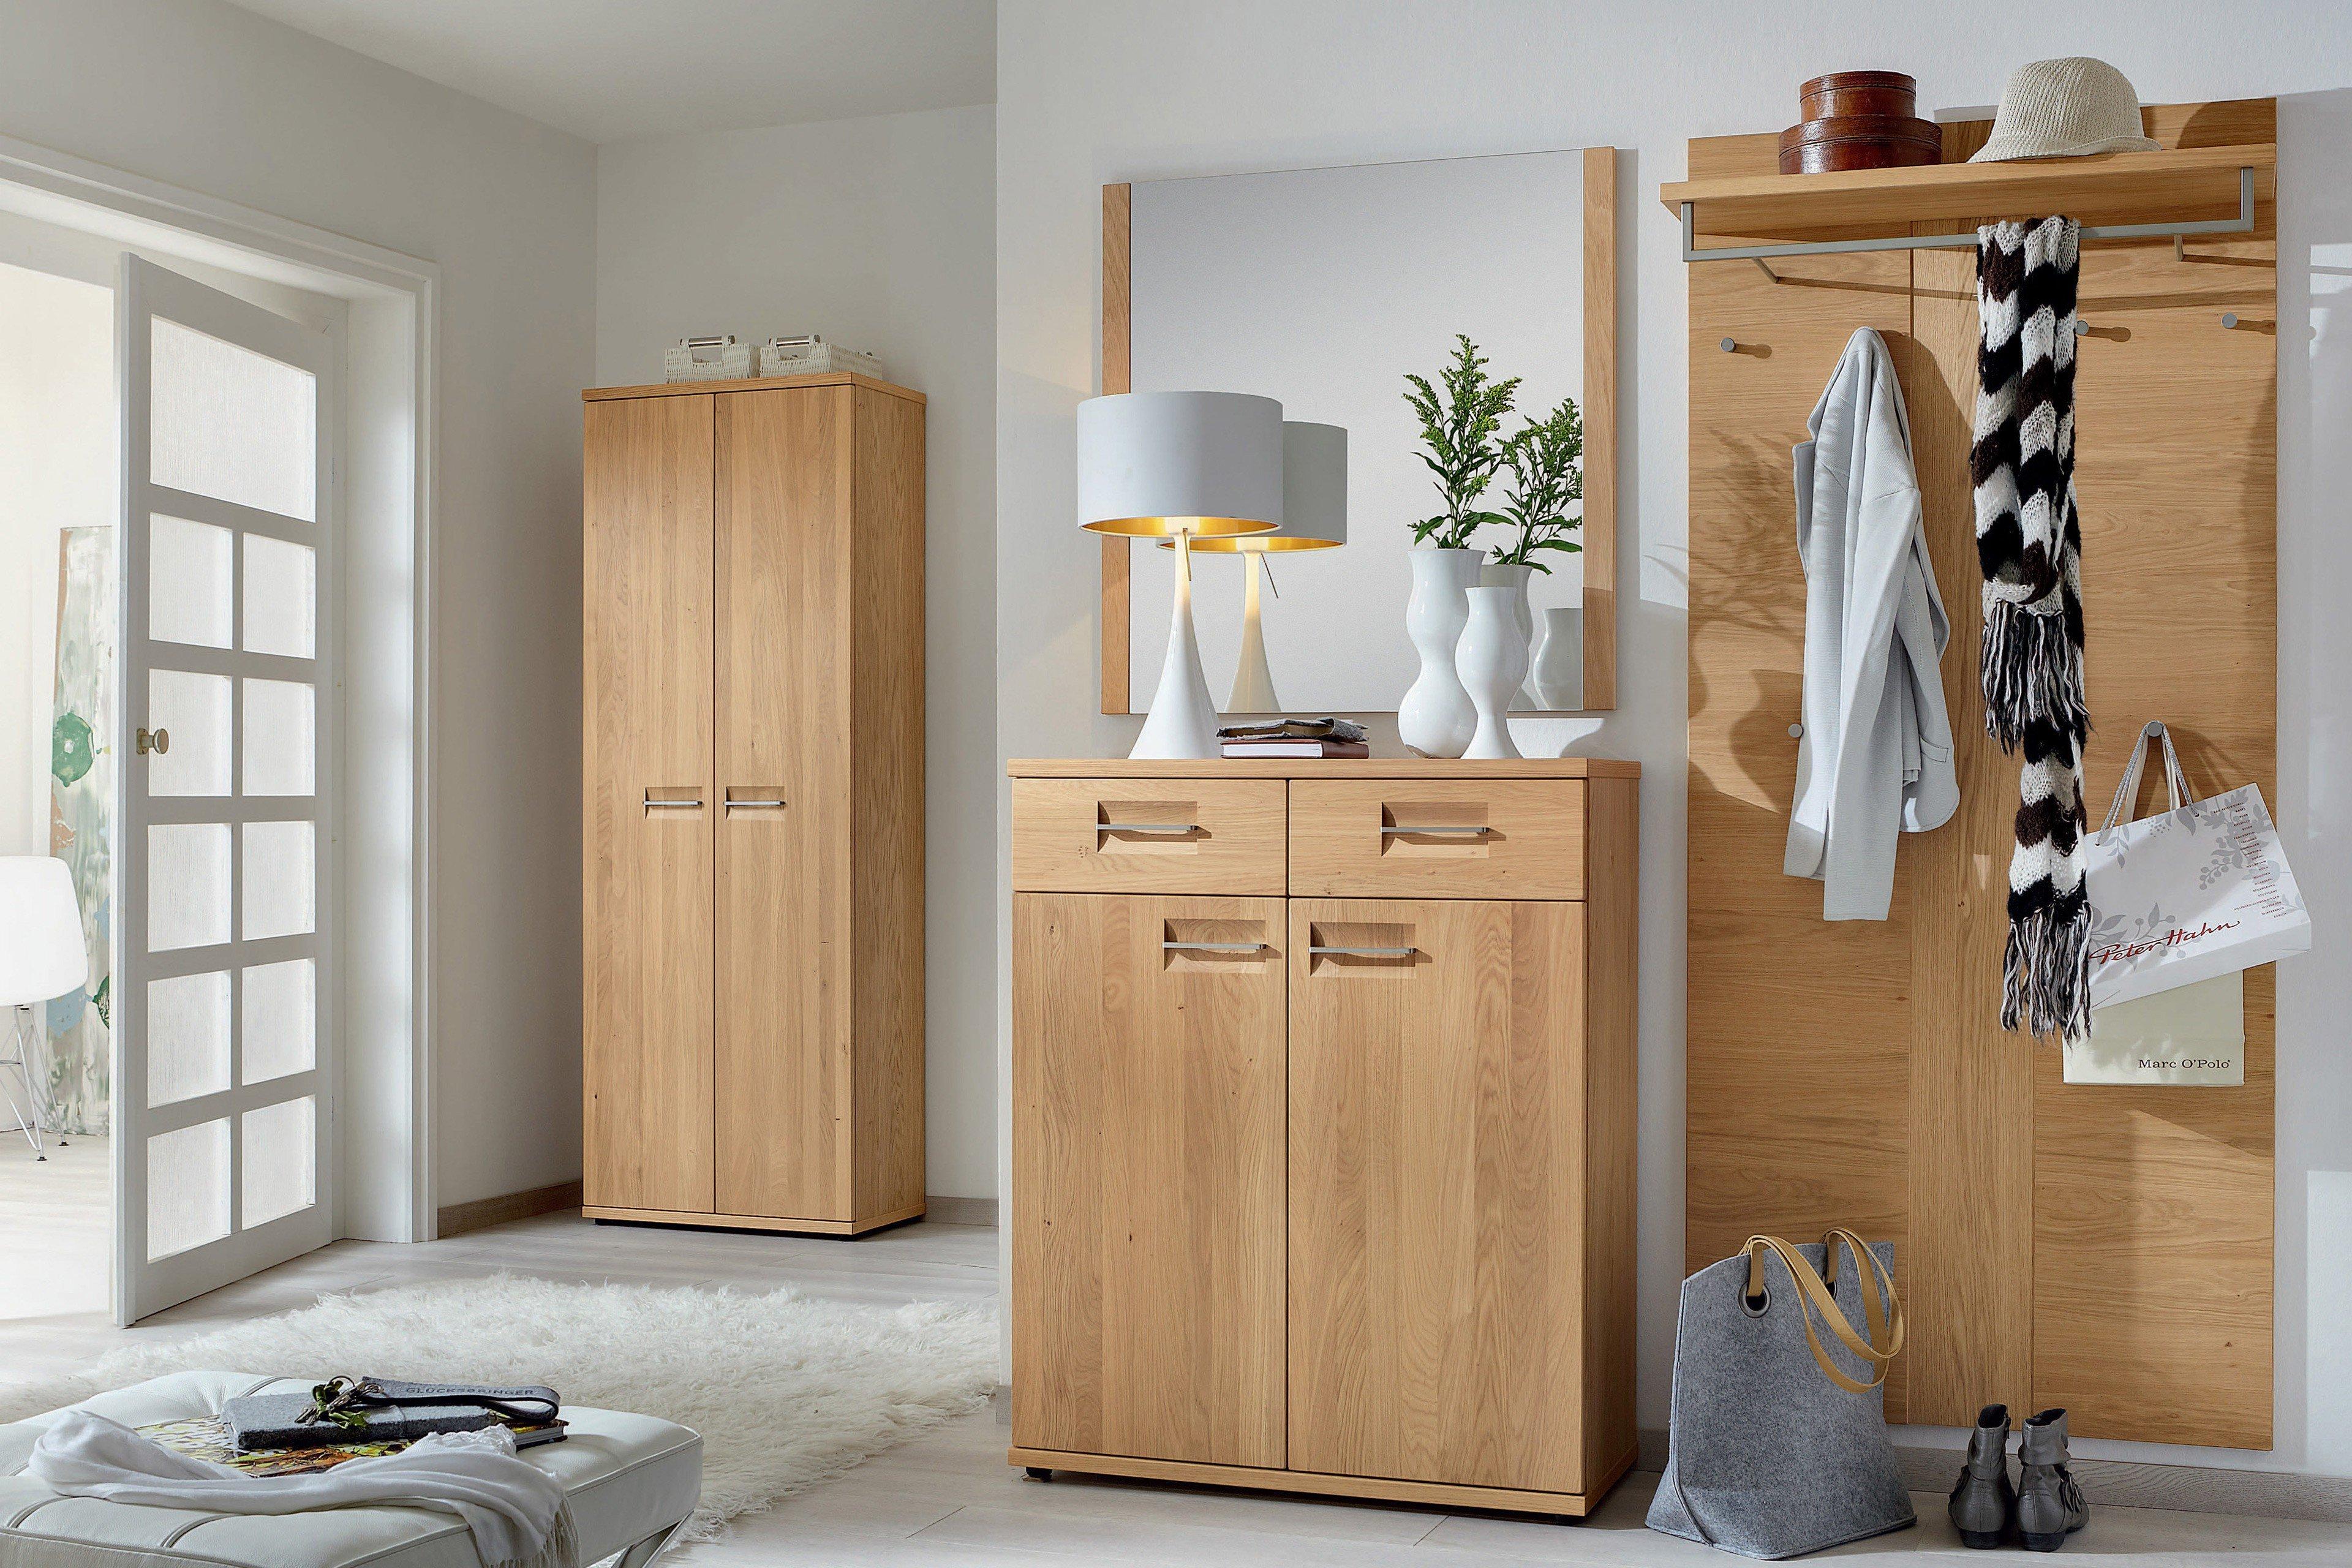 voss m bel garderobe montana wildeiche teilmassiv m bel letz ihr online shop. Black Bedroom Furniture Sets. Home Design Ideas